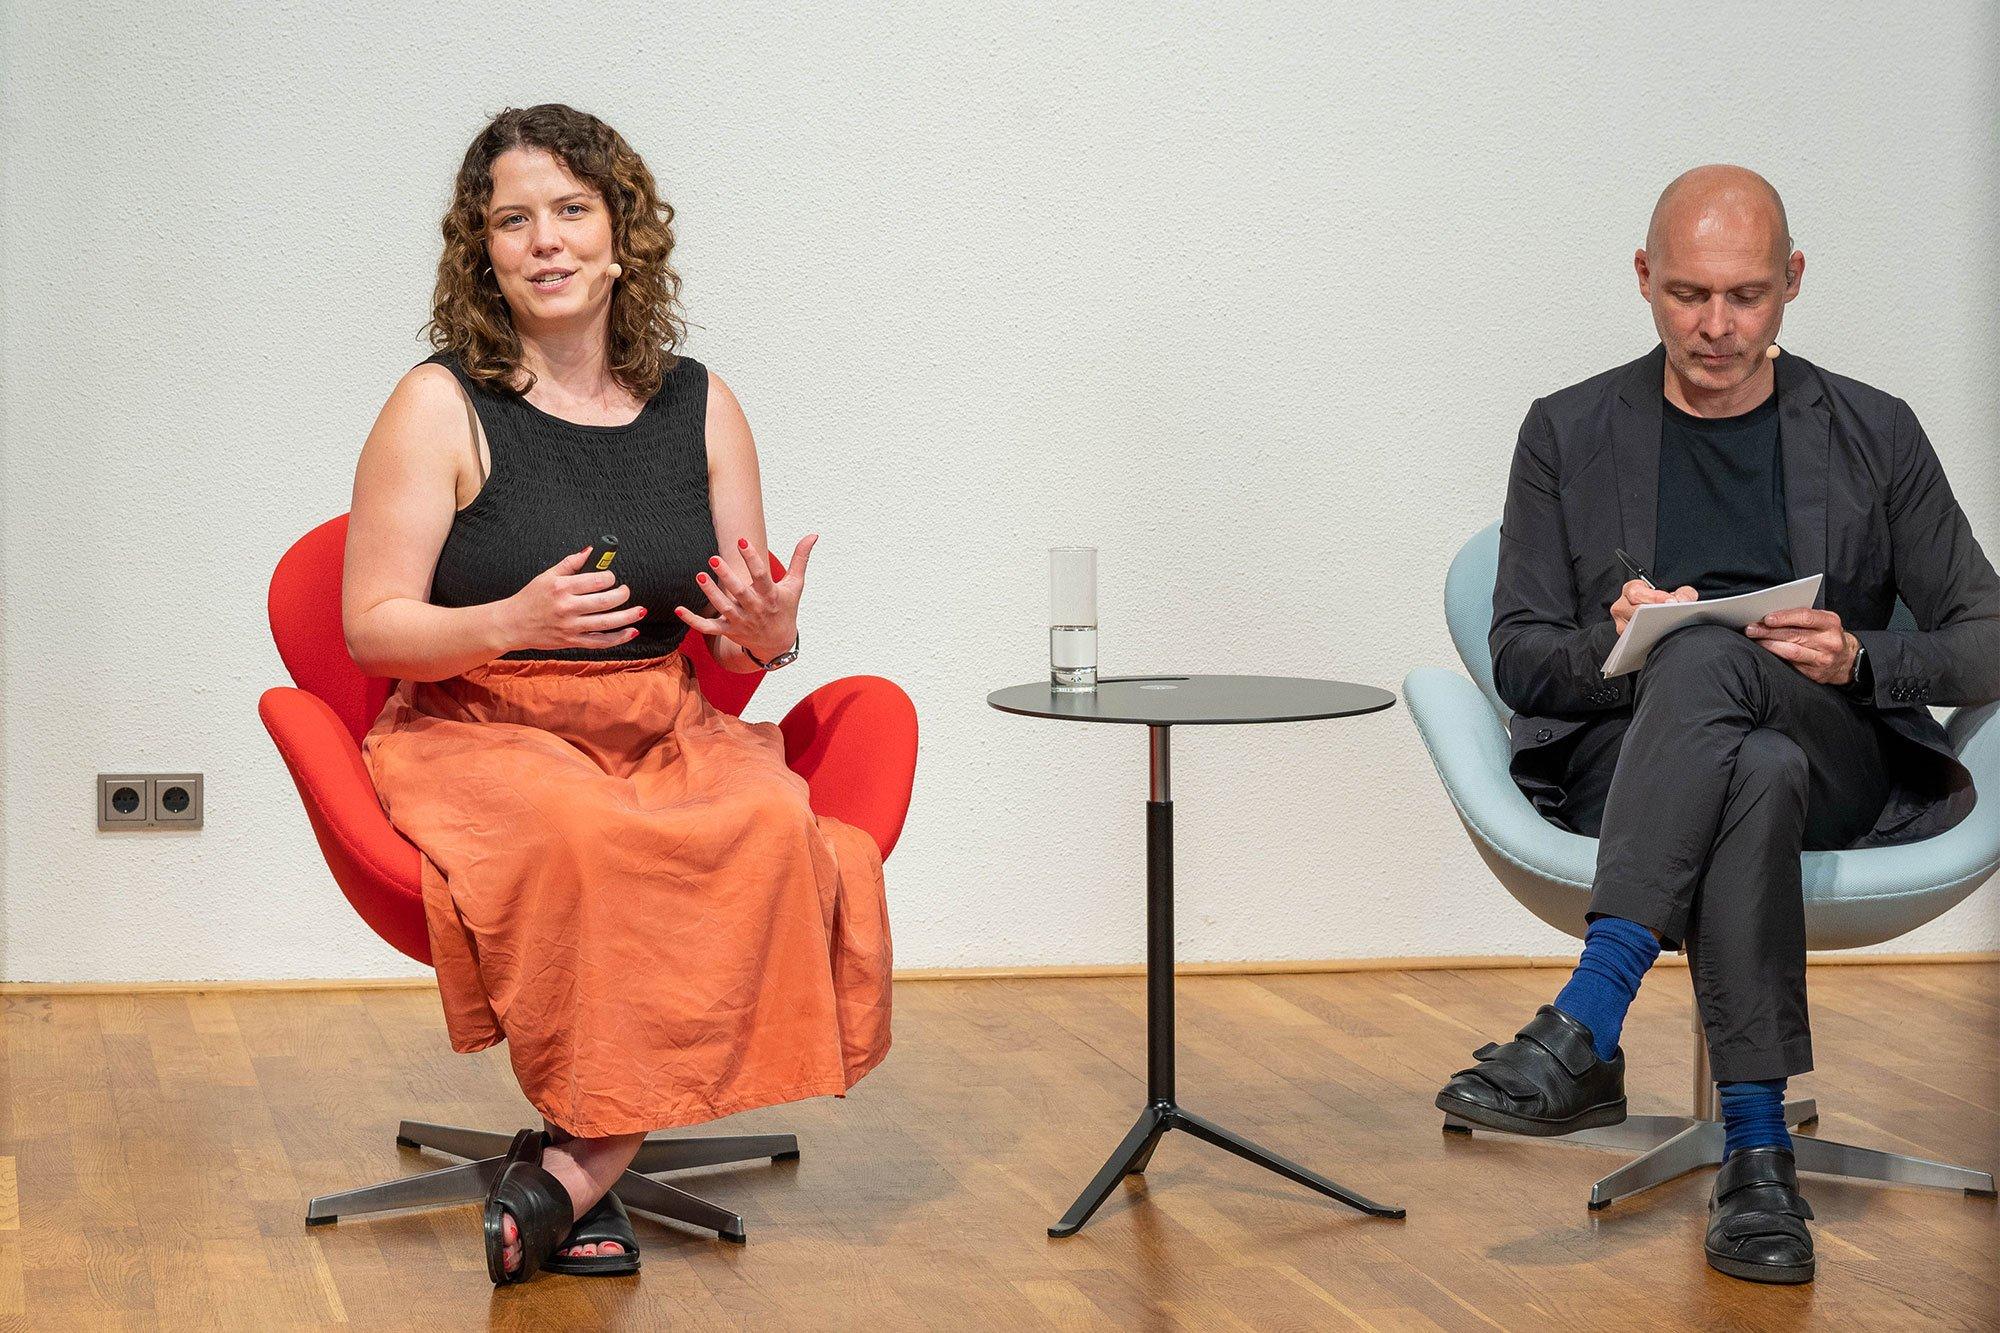 Lauren Touhey-Otto, Partnerin beim Berliner Büro Kinzo, hält ihren Vortrag im Studio. Foto: Christian Stallknecht